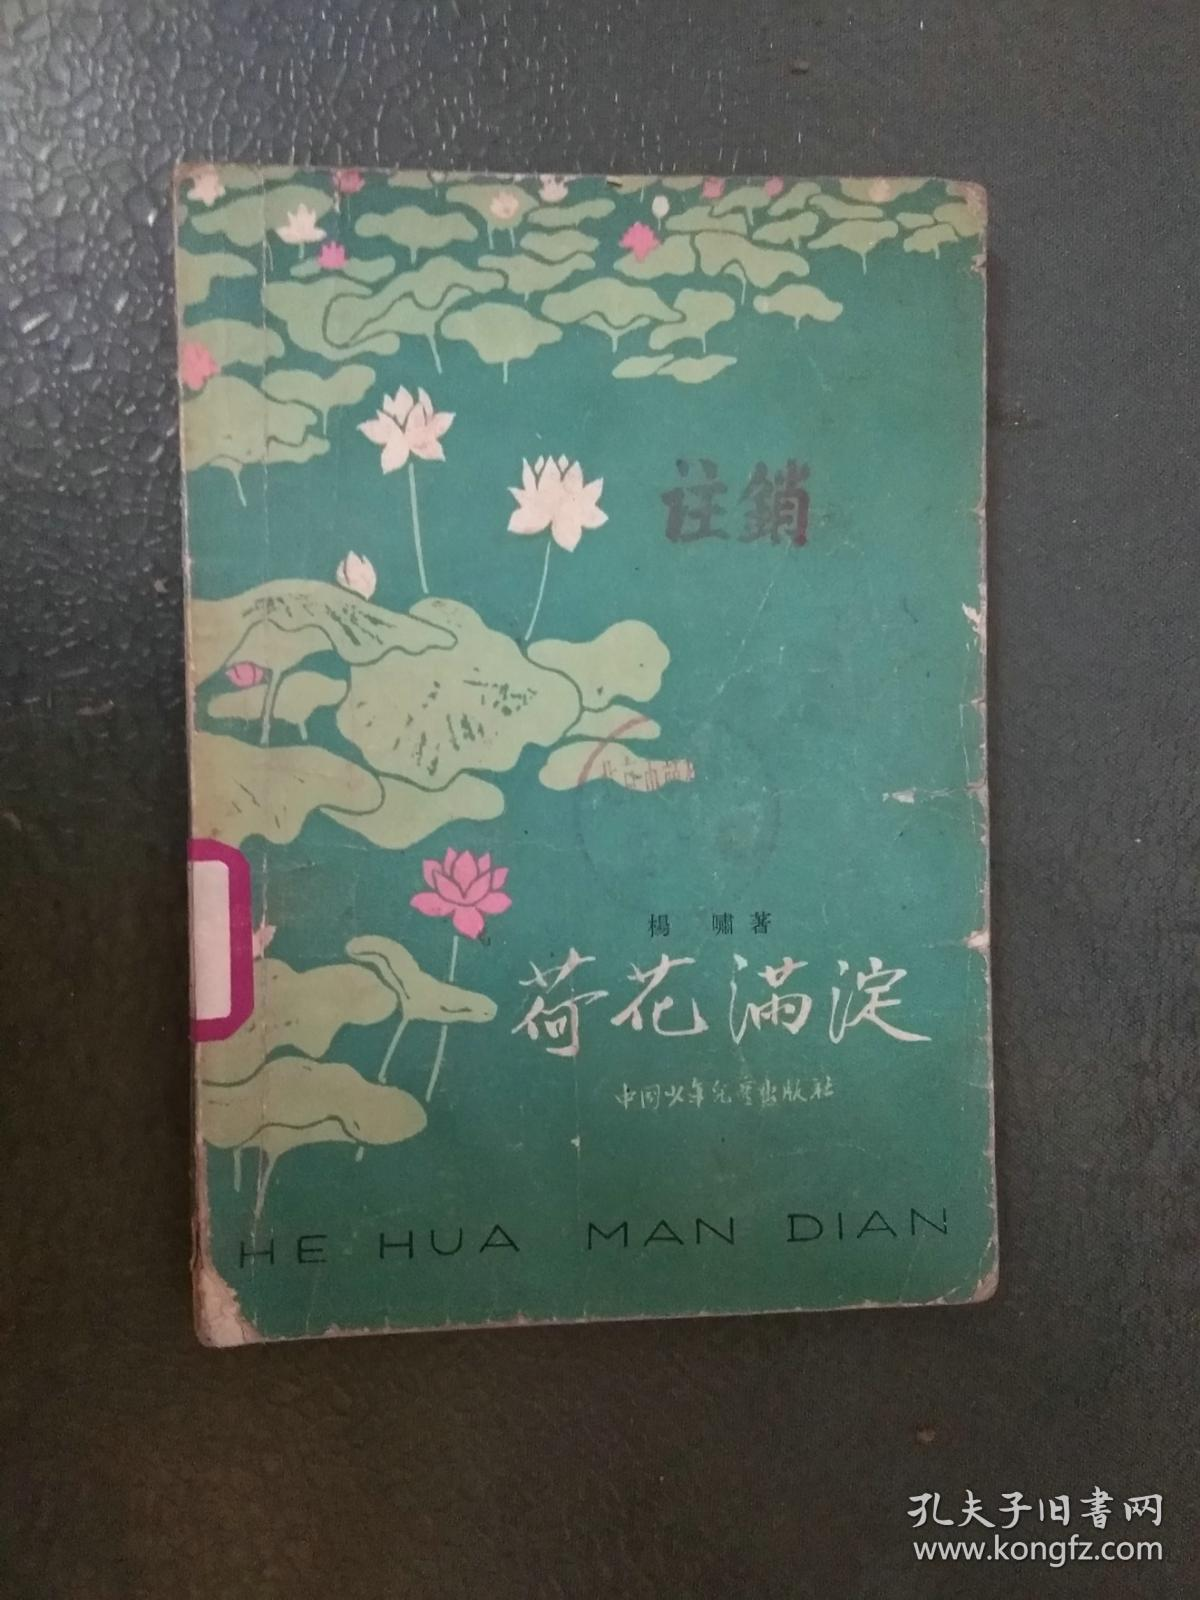 【60年代书籍】荷花满淀 (杨啸 著 刘继卣 插图 一版一印)